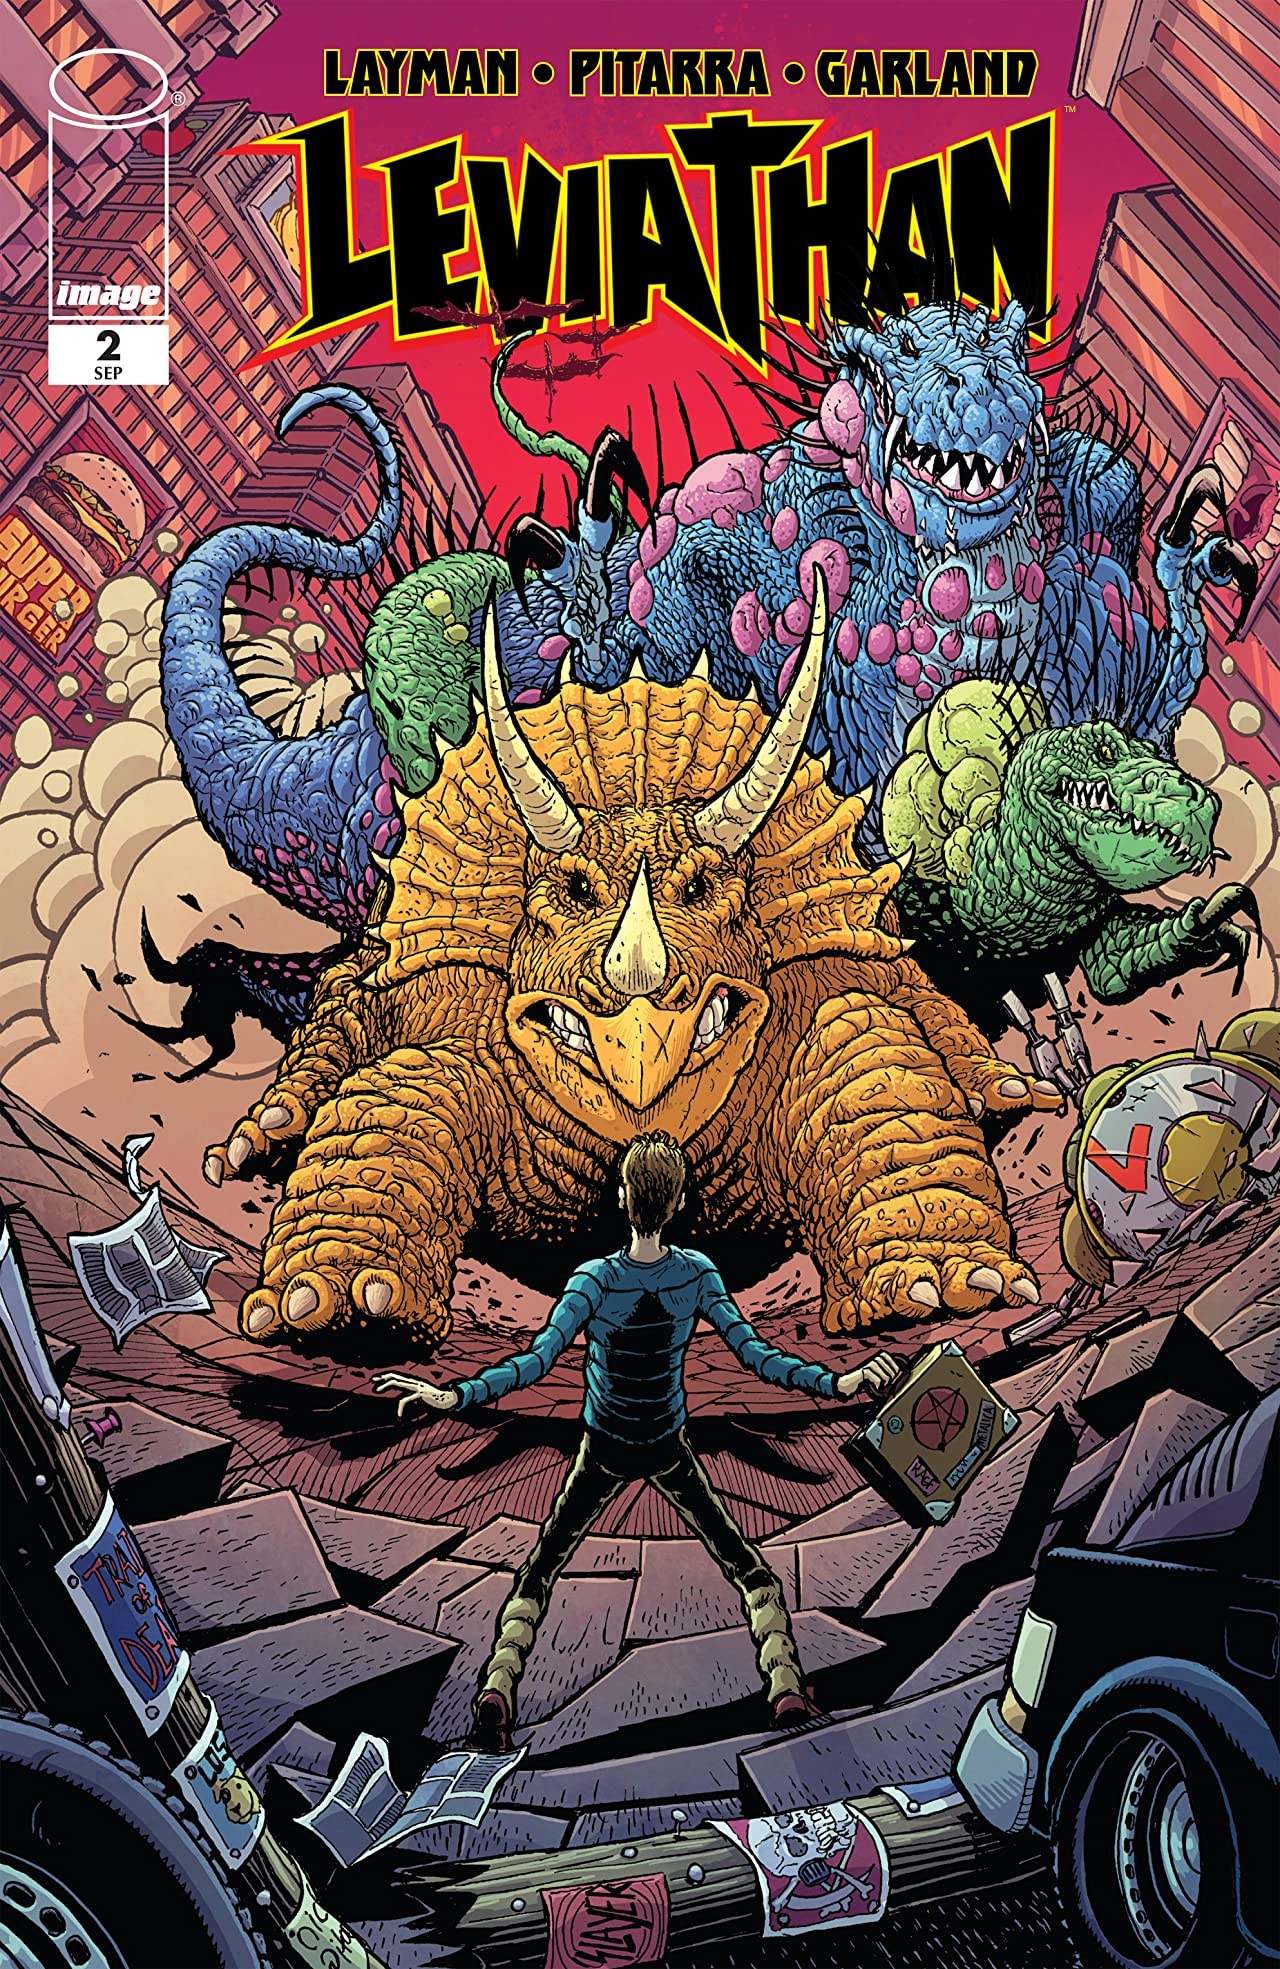 Leviathan #2